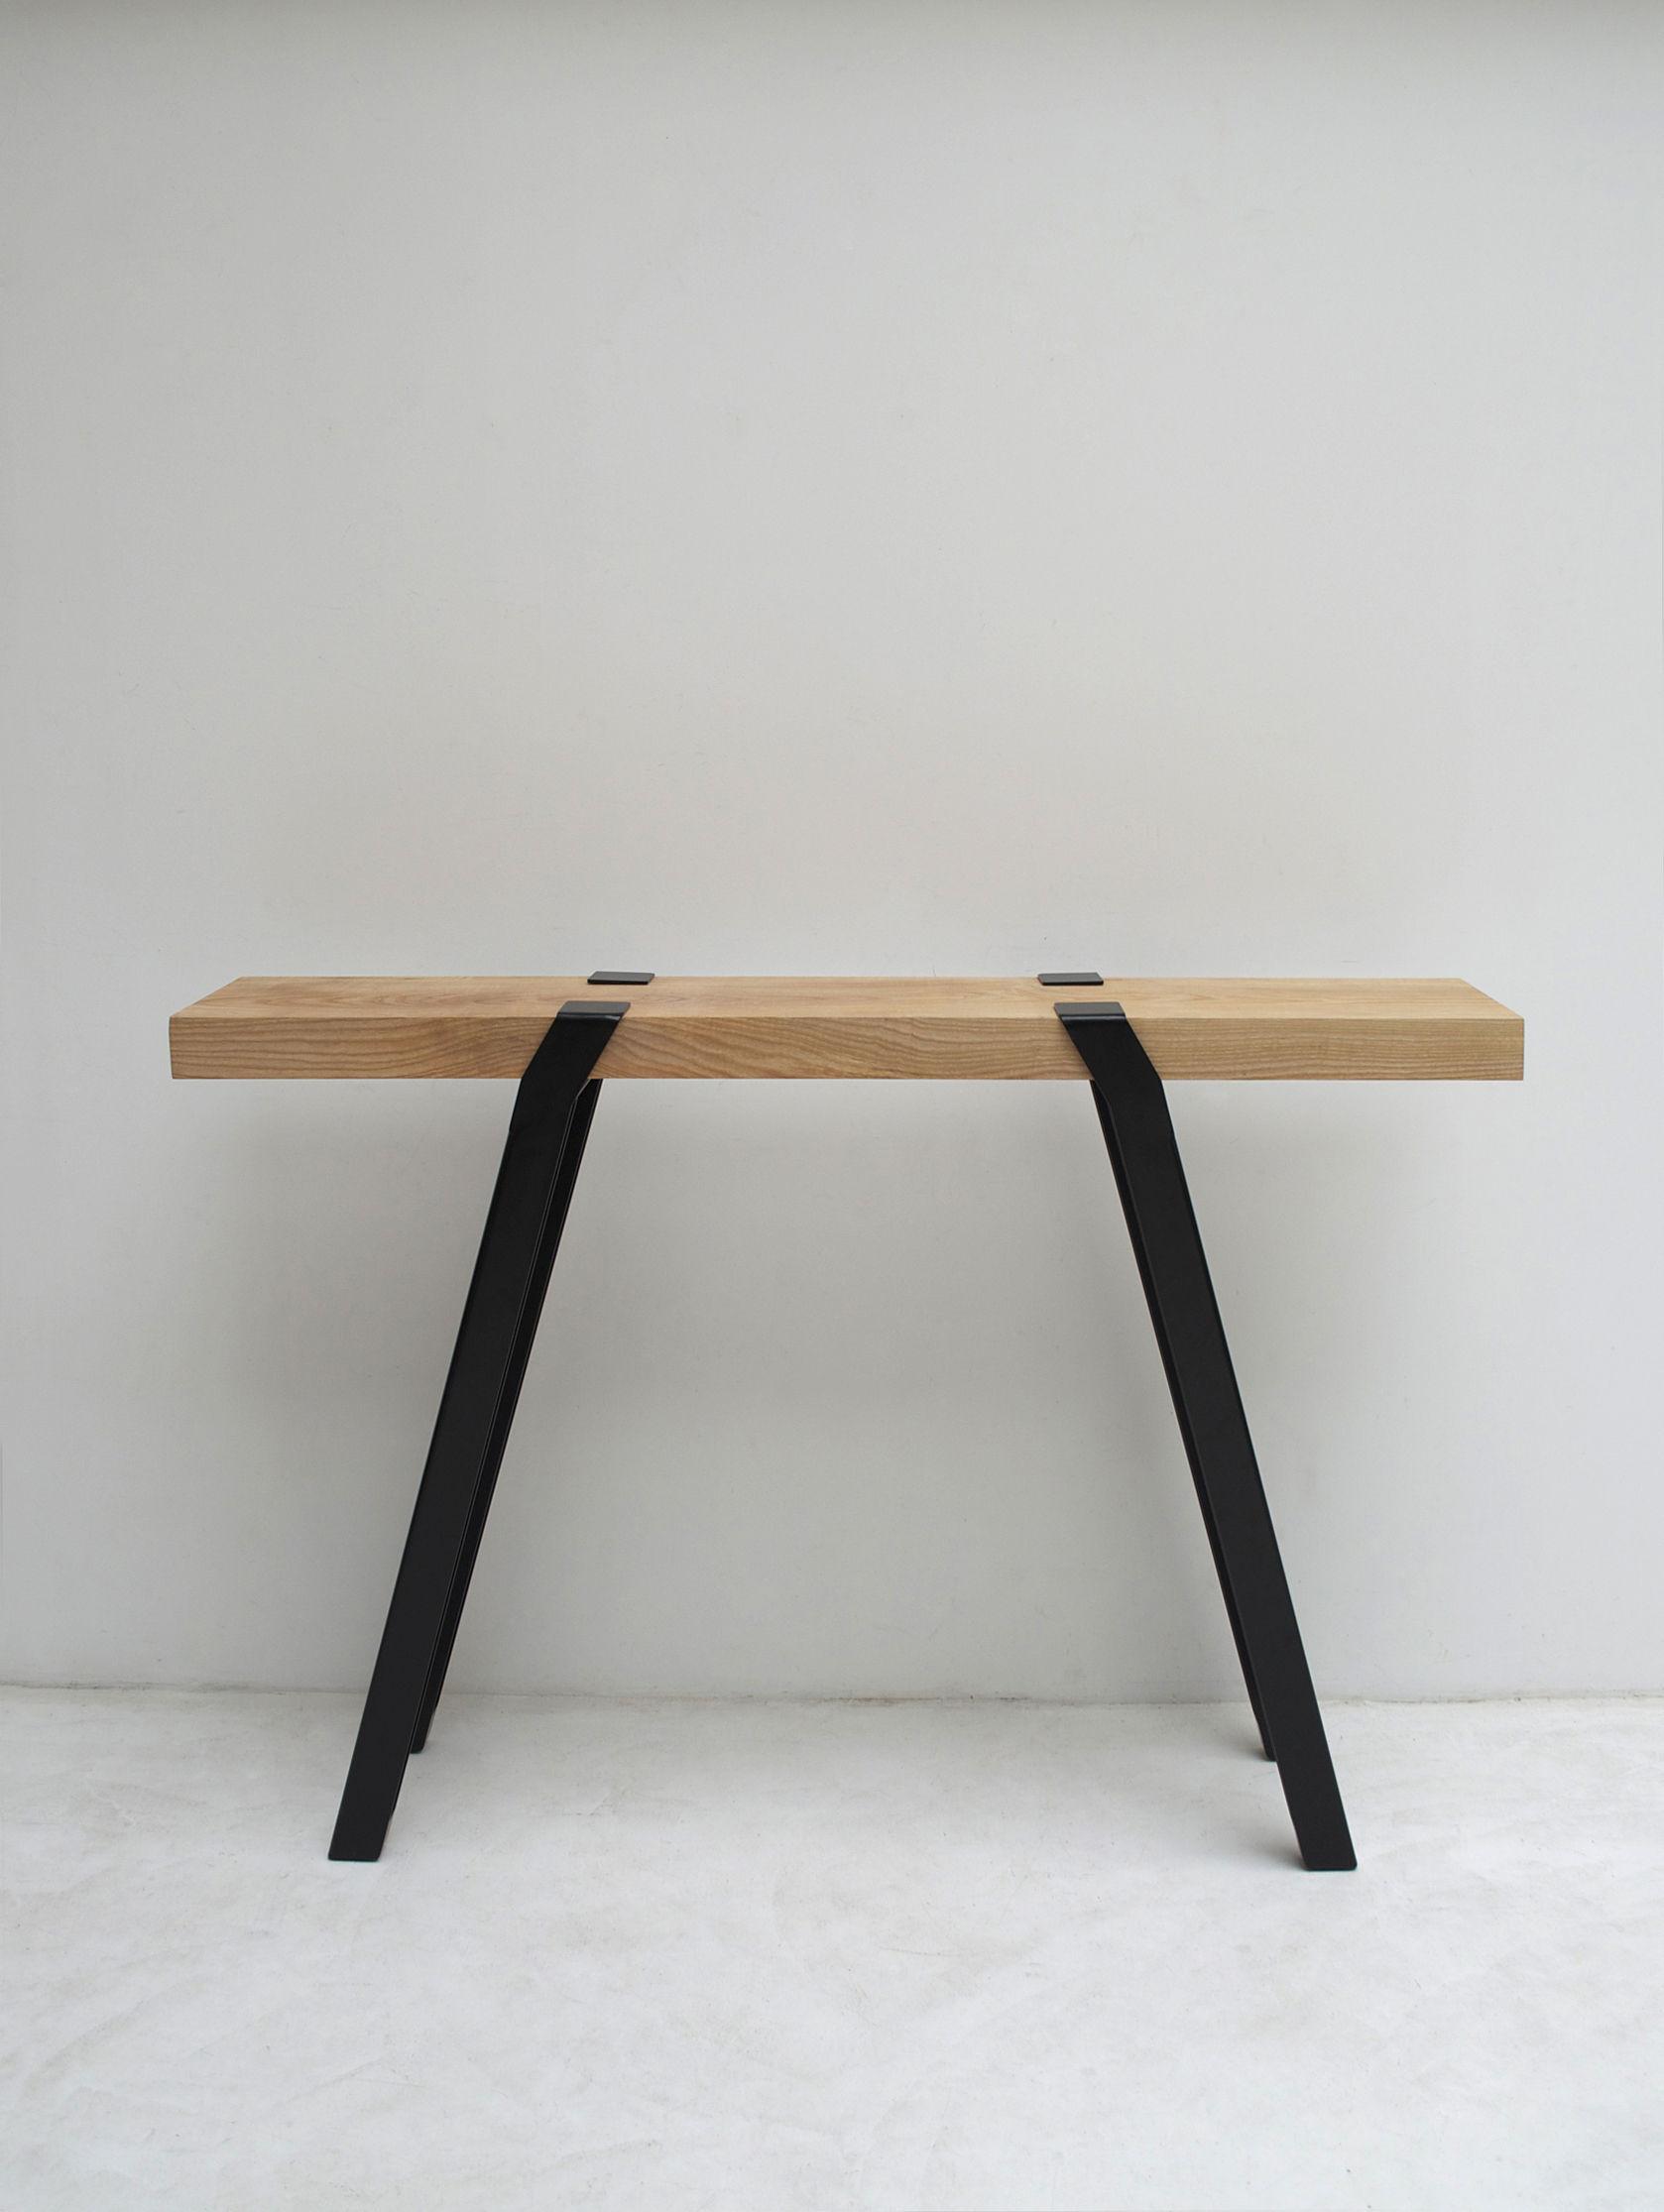 Scopri paire de tr teaux pi per costruire un tavolo h 100 cm nero di moaroom made in design - Costruire un tavolo richiudibile ...